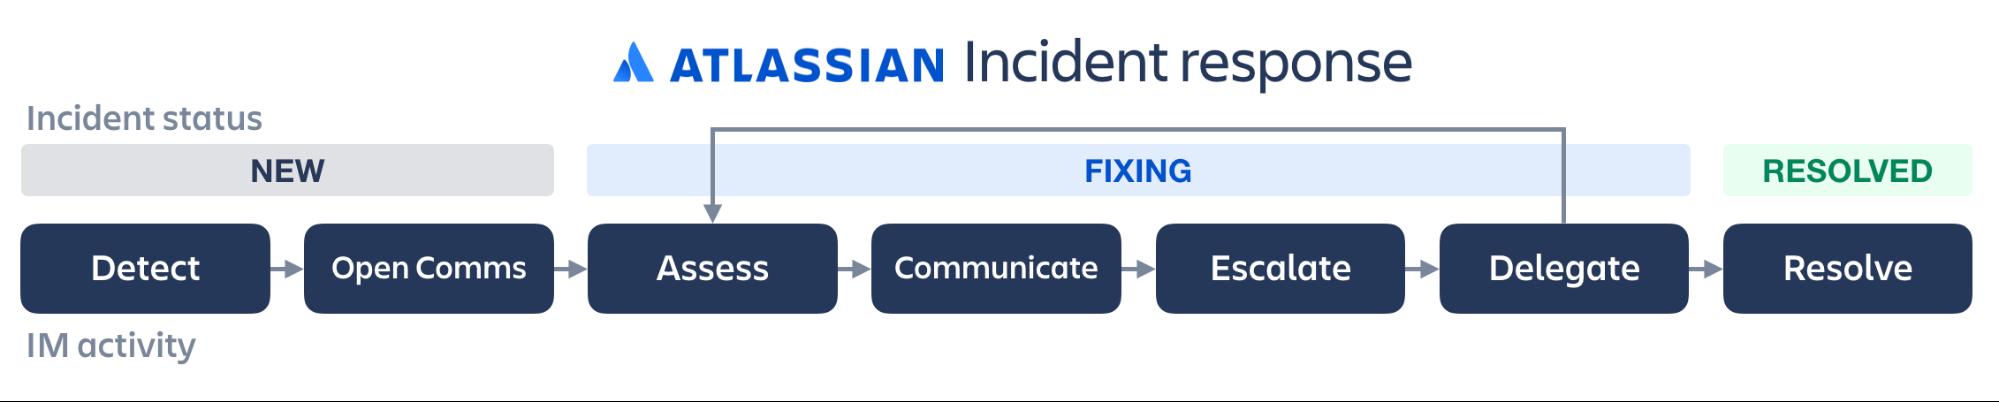 Ilustración de respuesta ante incidentes: detectar, abrir comunicaciones, evaluar, comunicar, escalar, delegar, resolver